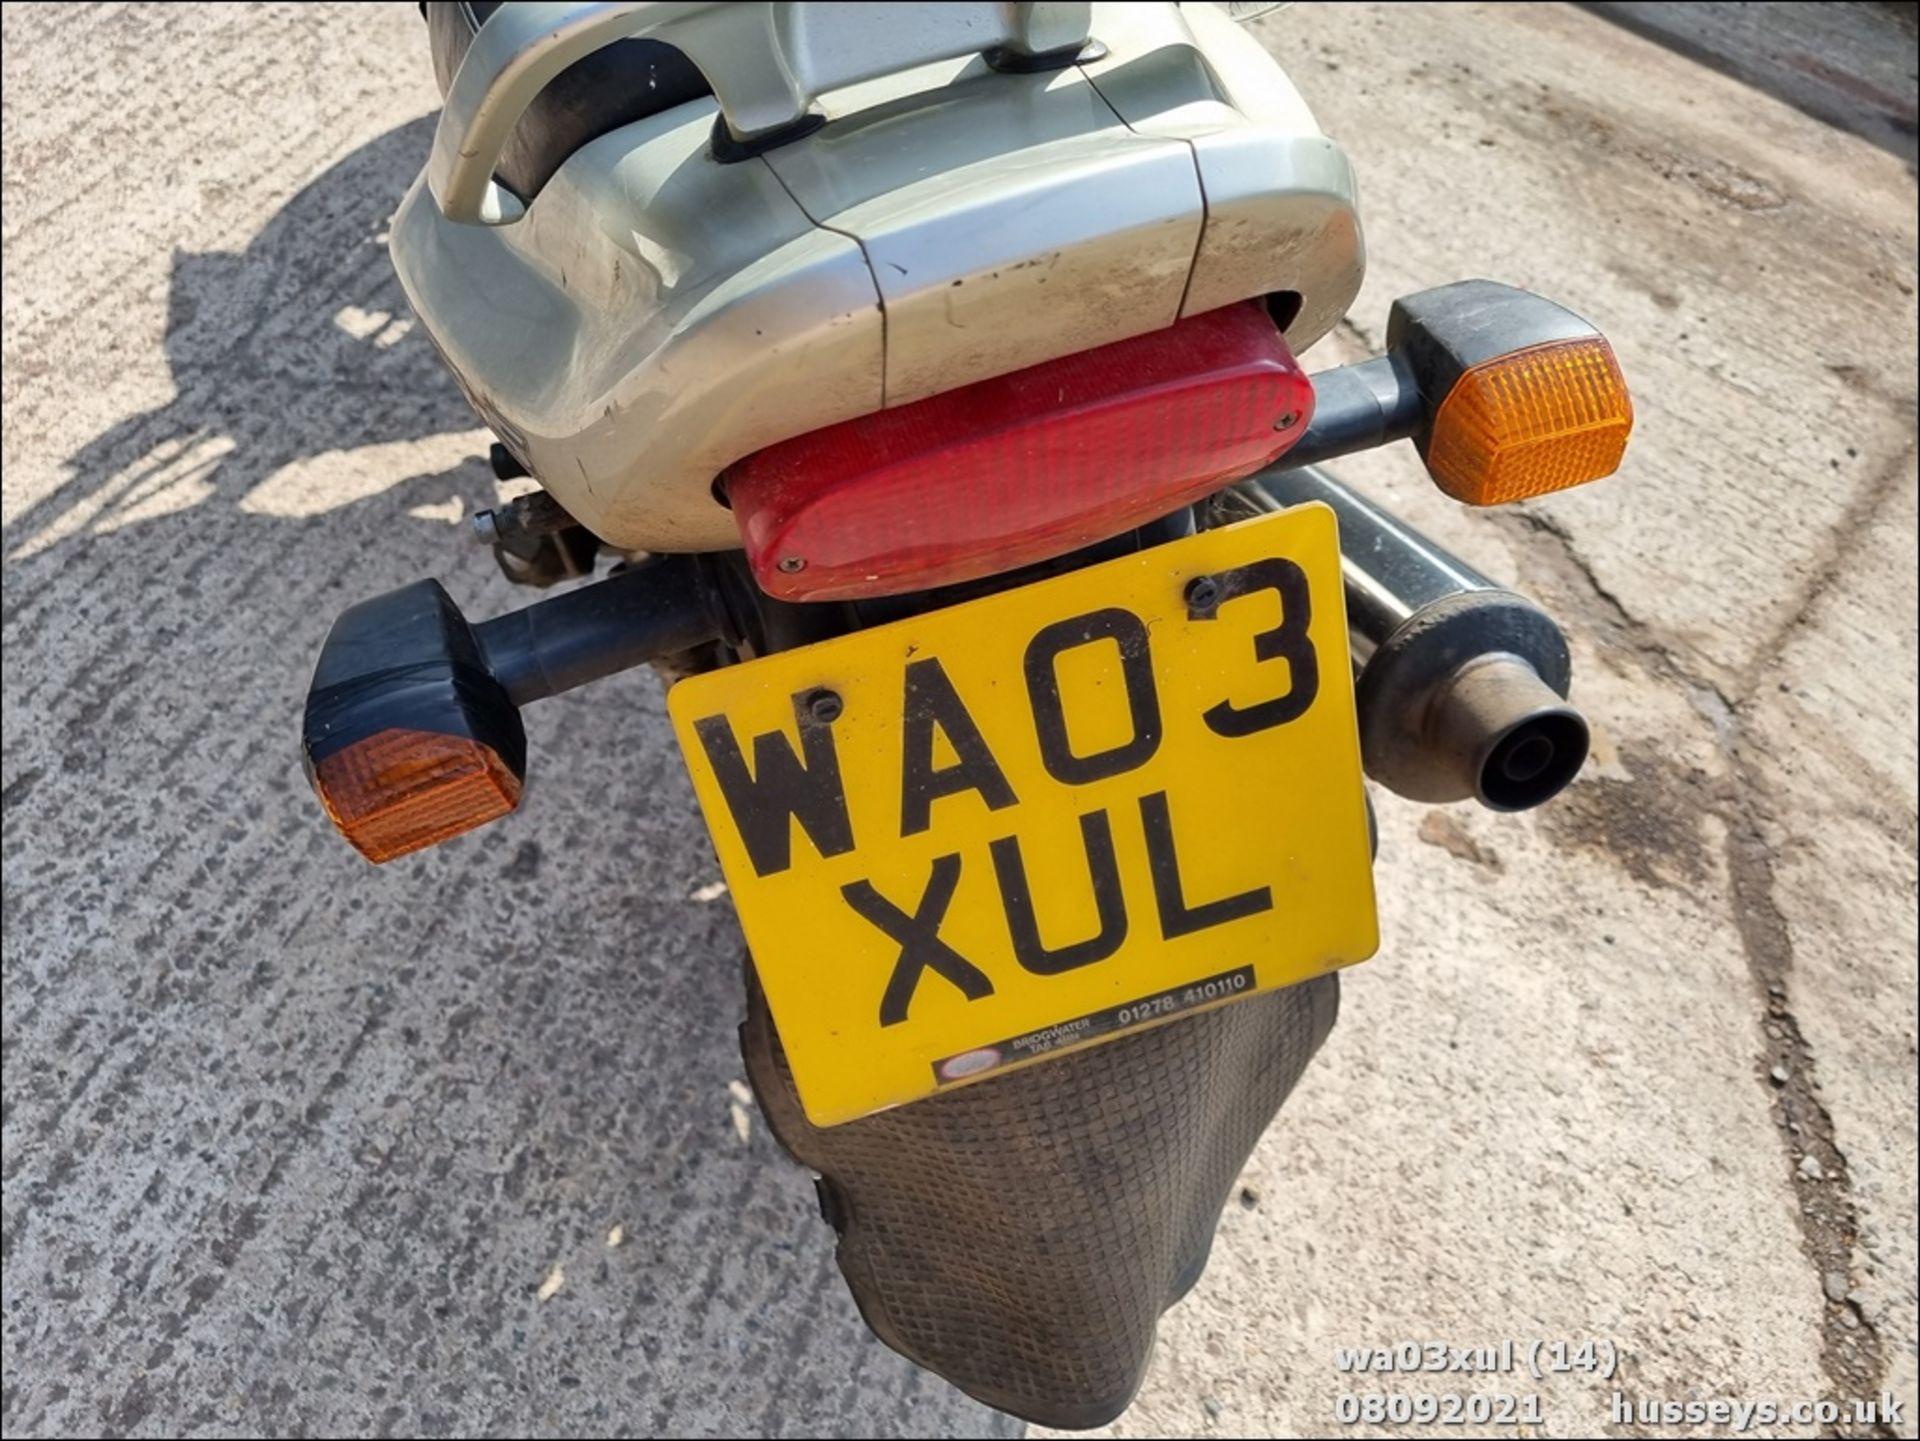 03/03 KAWASAKI ER500-C1 - 498cc Motorcycle (Gold) - Image 14 of 16